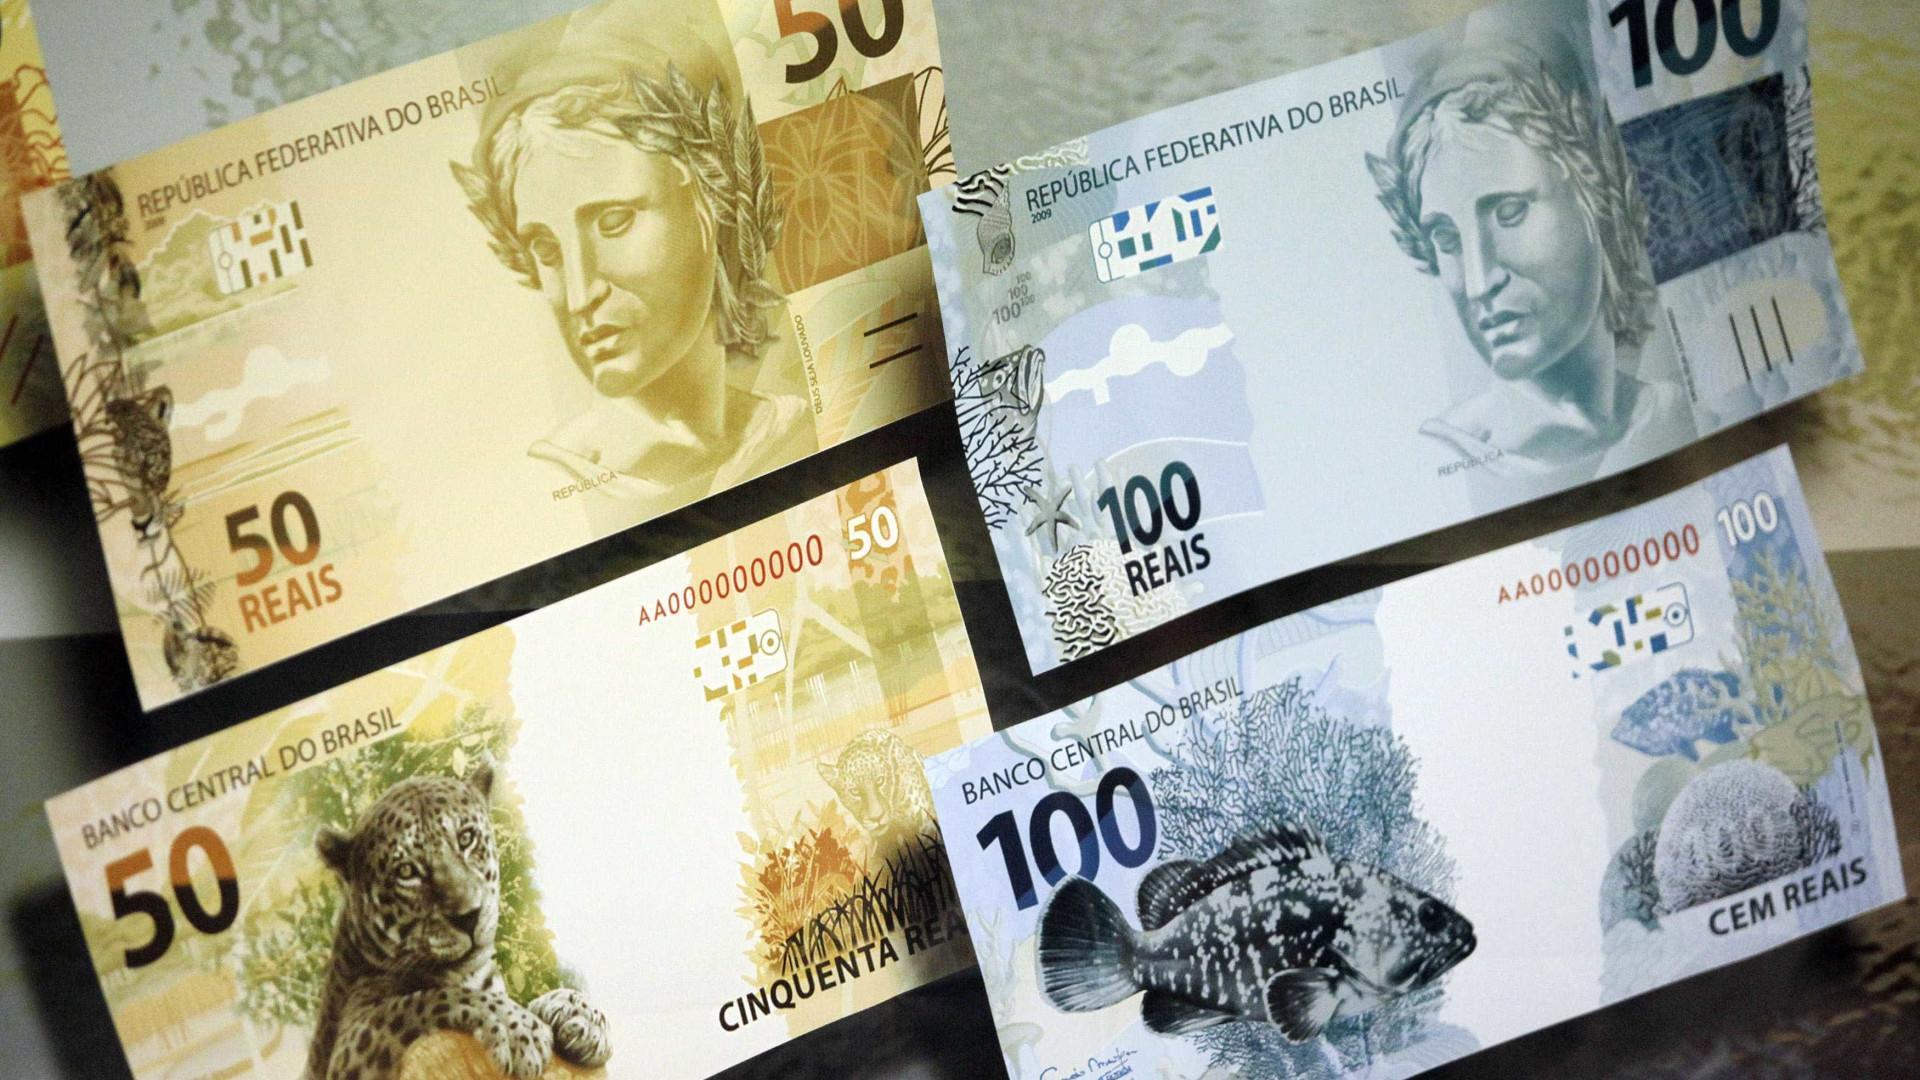 Brasileiros poderão receber remessas do exterior diretamente em reais